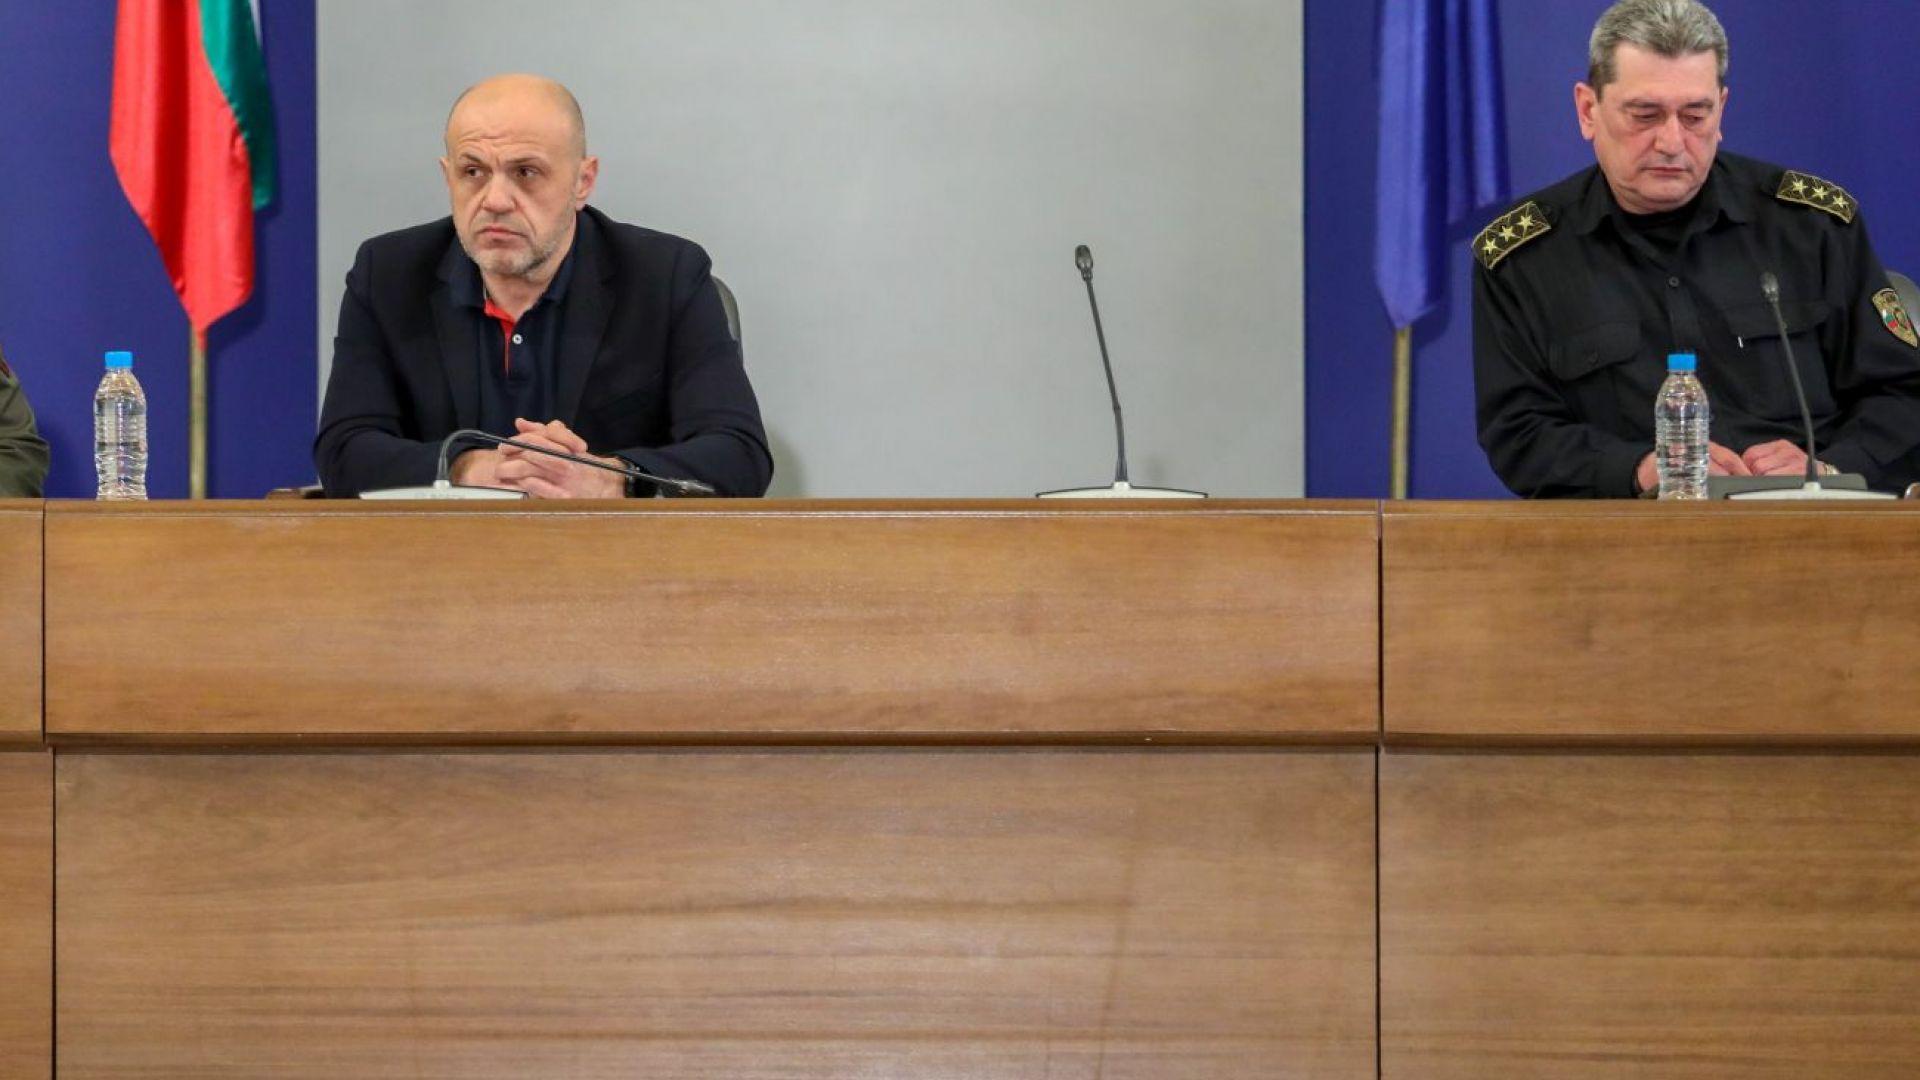 Томислав Дончев: Президентът да се смири и да си гледа работата